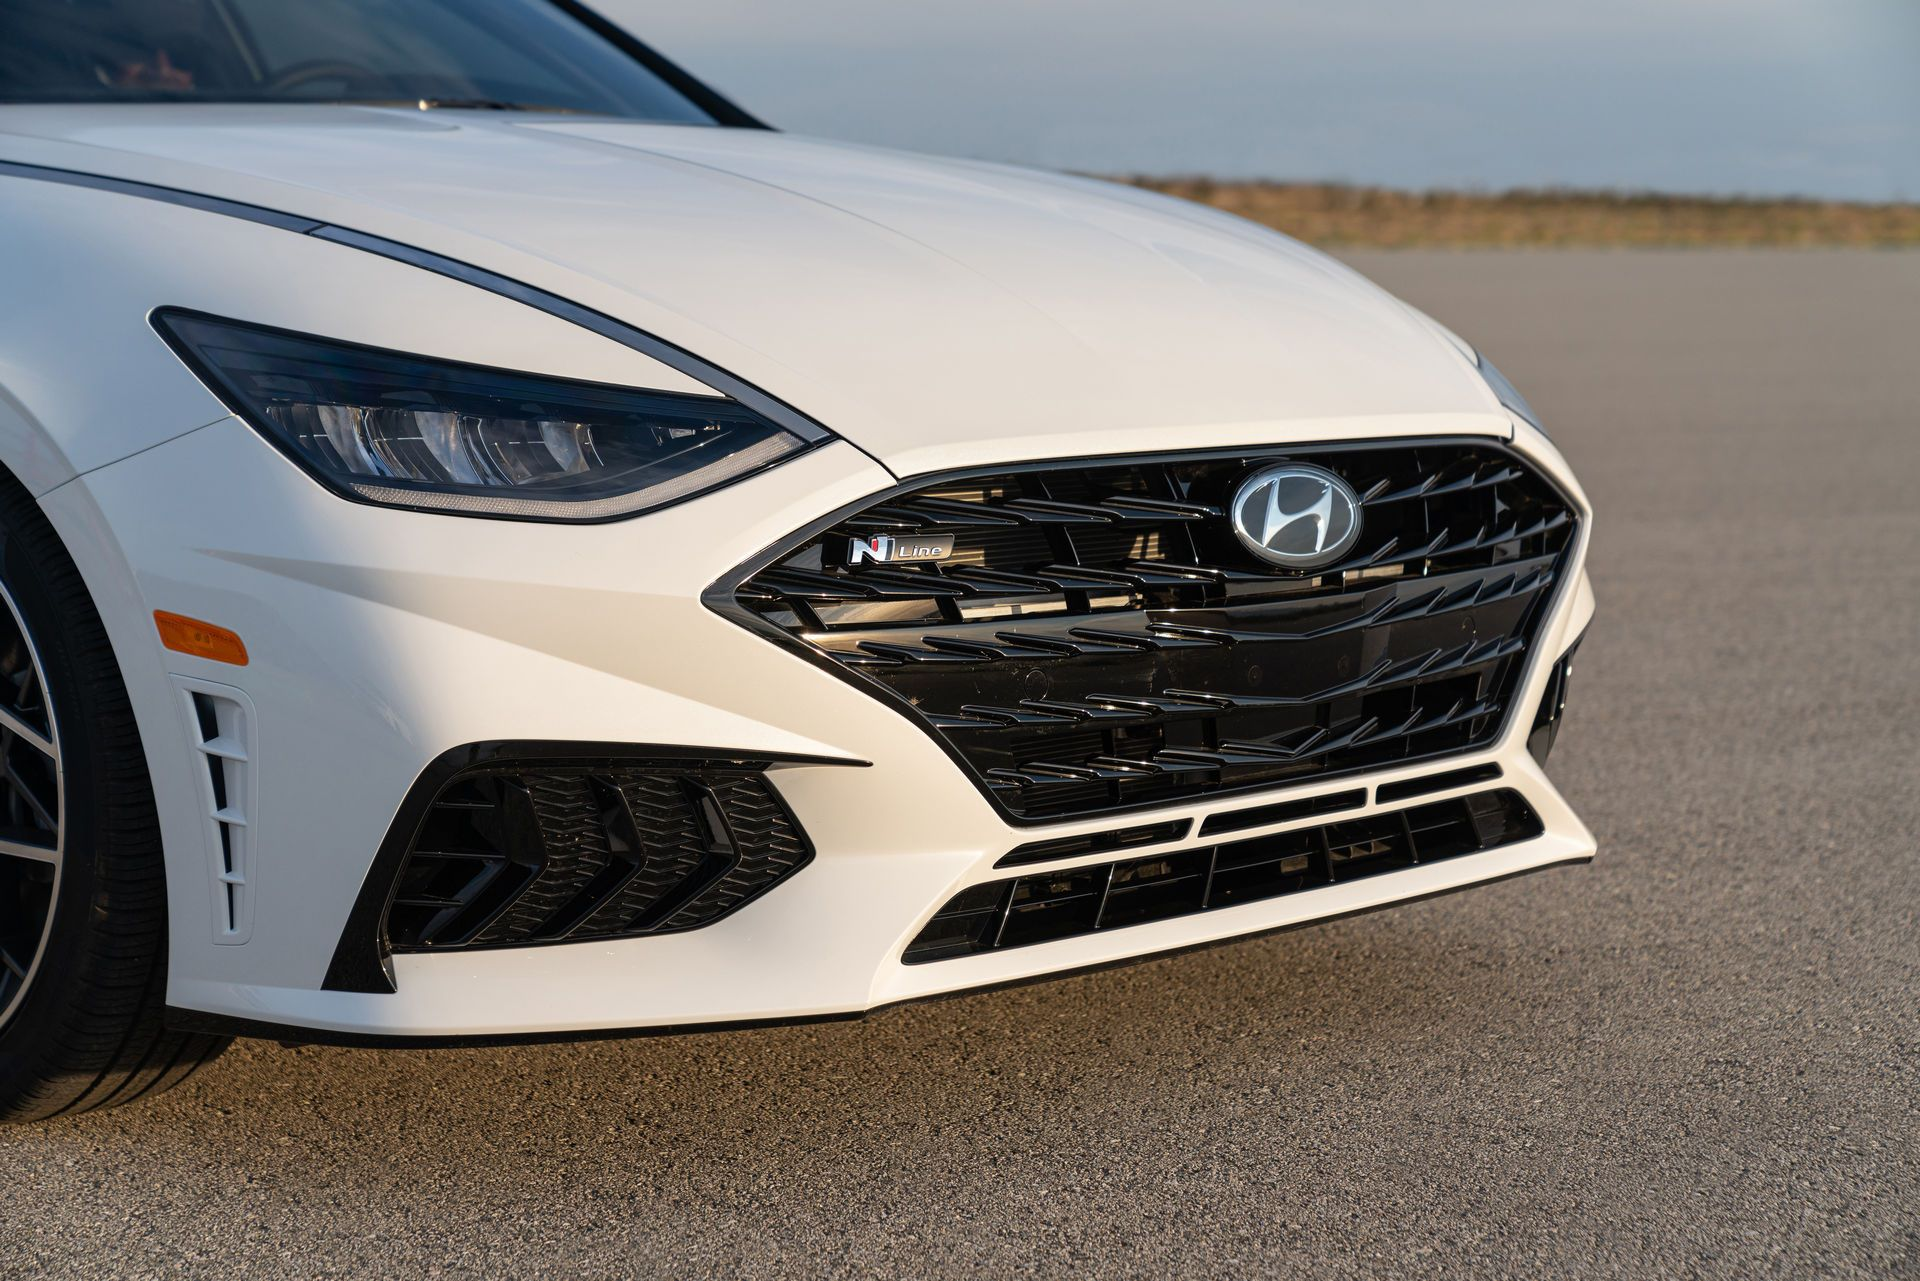 Hyundai-Sonata-N-Line-2021-22